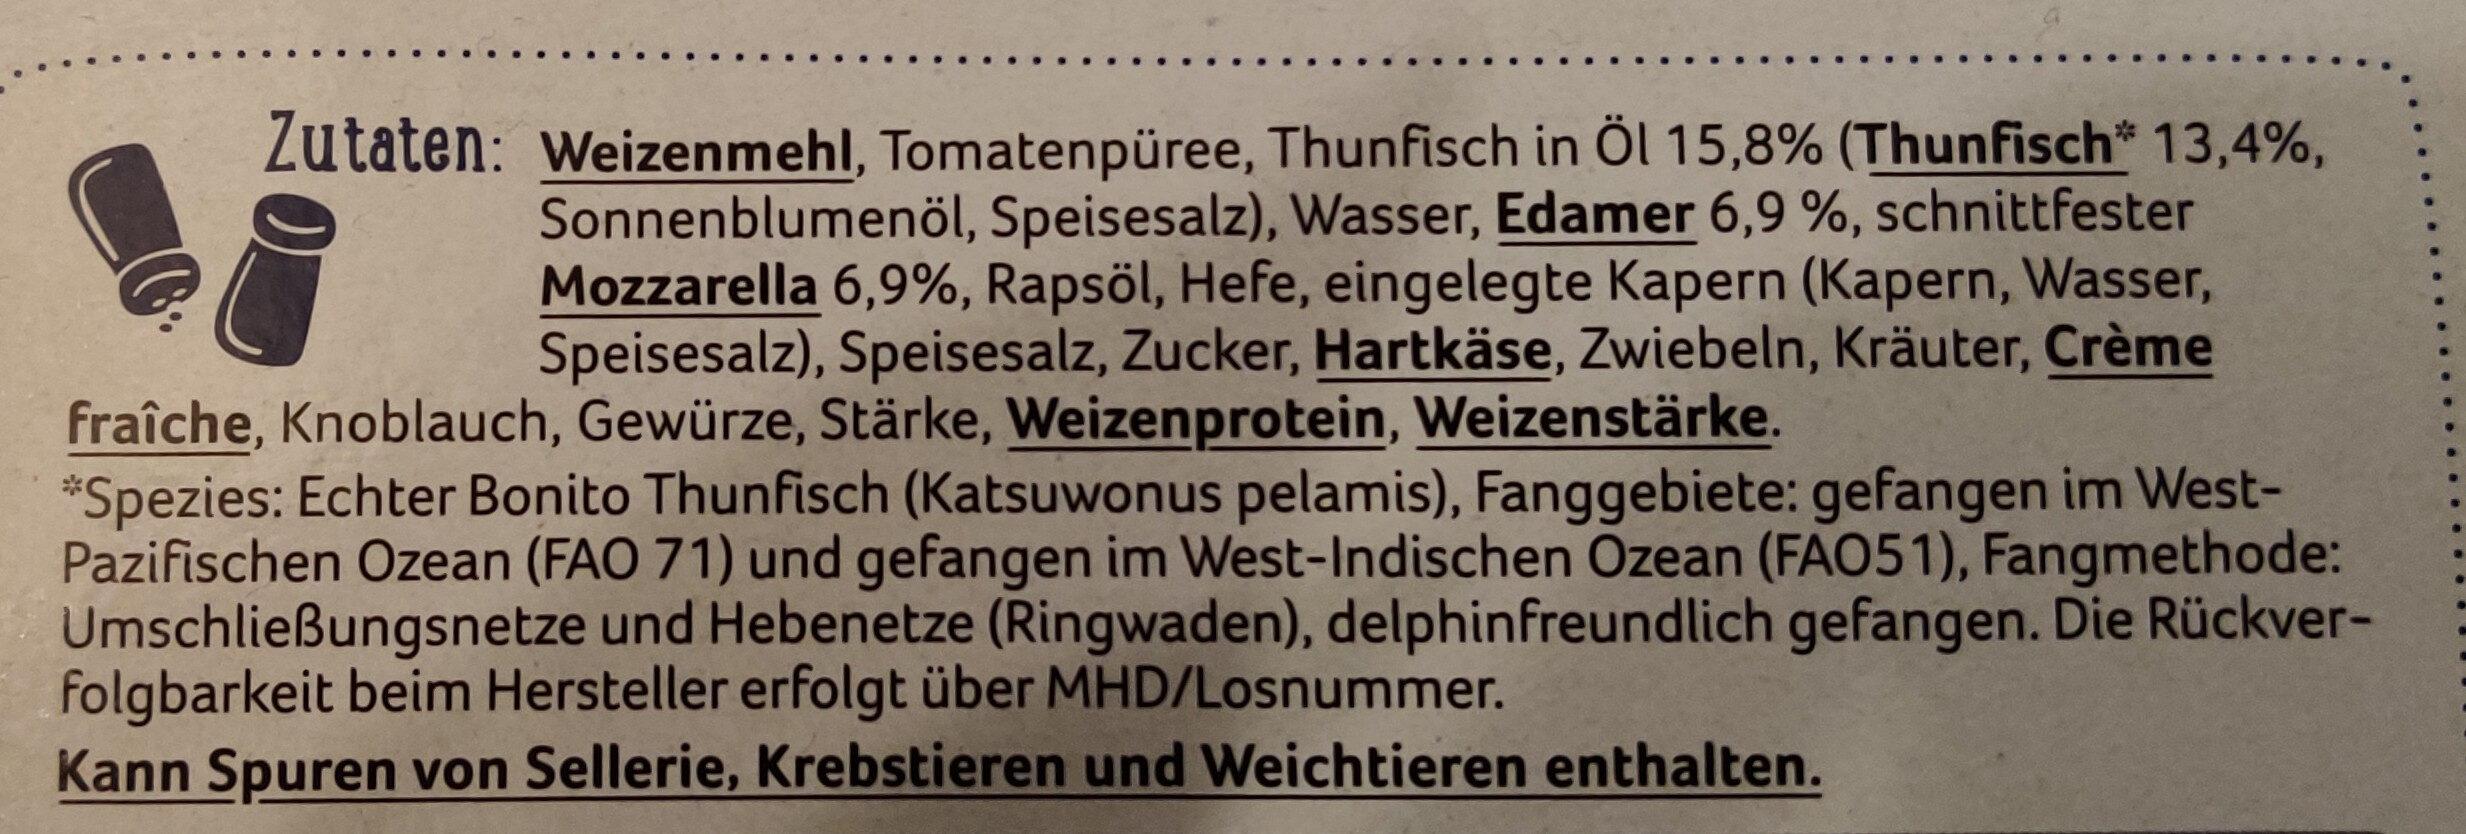 Pizza Classics Thunfisch - Zutaten - de